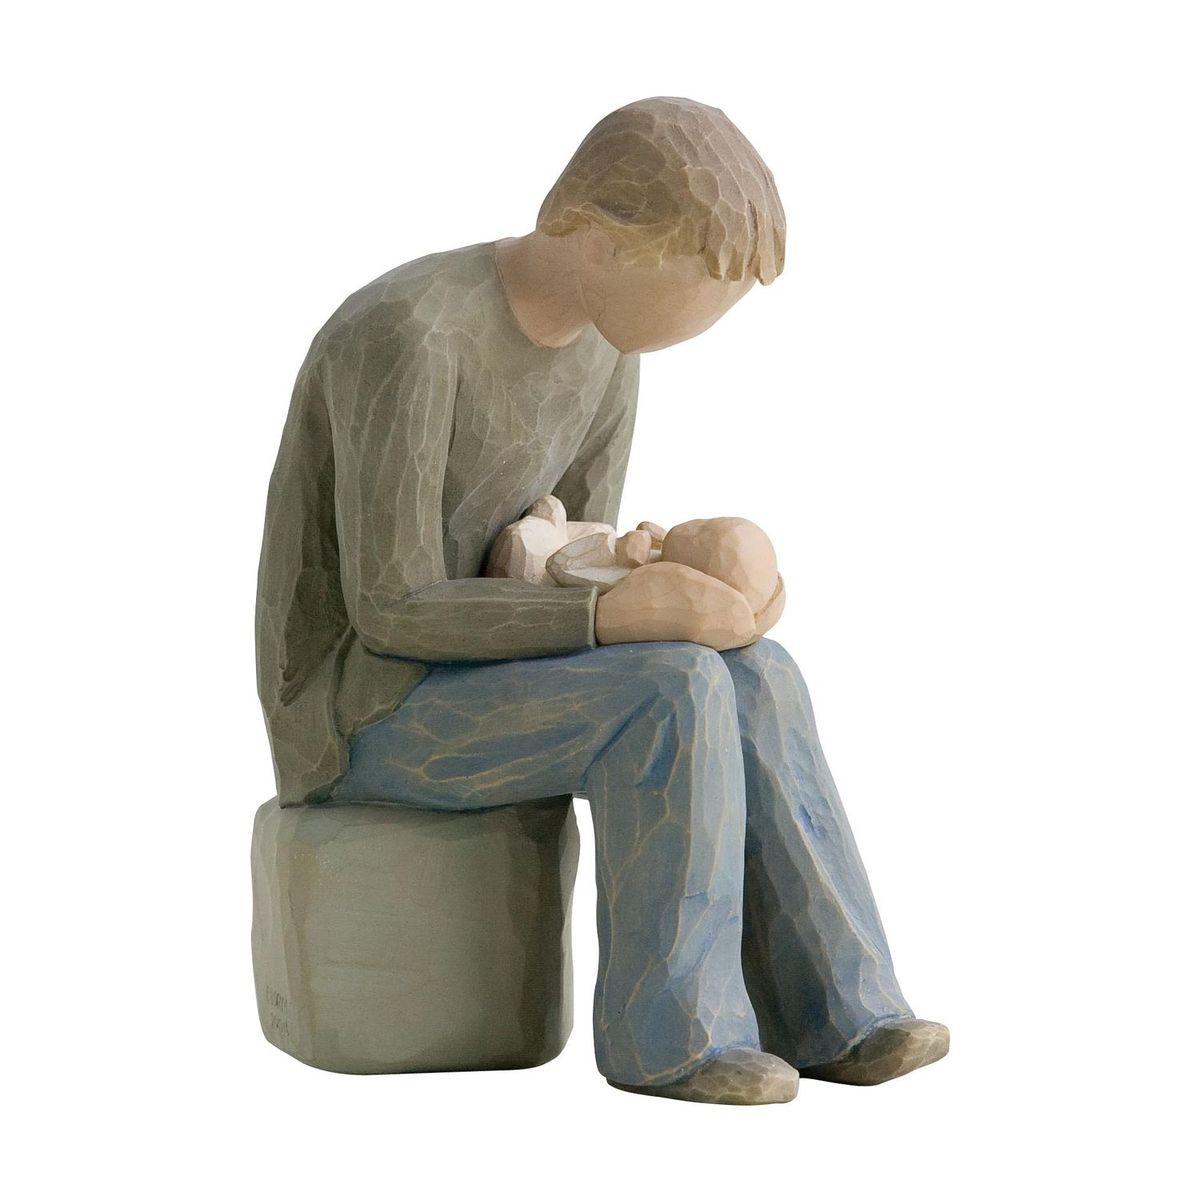 Фигурка декоративная Willow Tree Стать отцом, высота 14 см26129Декоративная фигурка Willow Tree создана канадским скульптором Сьюзан Лорди. Фигурка выполнена из искусственного камня (49% карбонат кальция мелкозернистой разновидности, 51% искусственный камень).Фигурка Willow Tree – это настоящее произведение искусства, образная скульптура в миниатюре, изображающая эмоции и чувства, которые помогают чувствовать себя ближе к другим, верить в мечту, выражать любовь.Фигурка помещена в красивую упаковку.Купить такой оригинальный подарок, значит не только украсить интерьер помещения или жилой комнаты, но выразить свое глубокое отношение к любимому человеку. Этот прекрасный сувенир будет лучшим подарком на день ангела, именины, день рождения, юбилей.